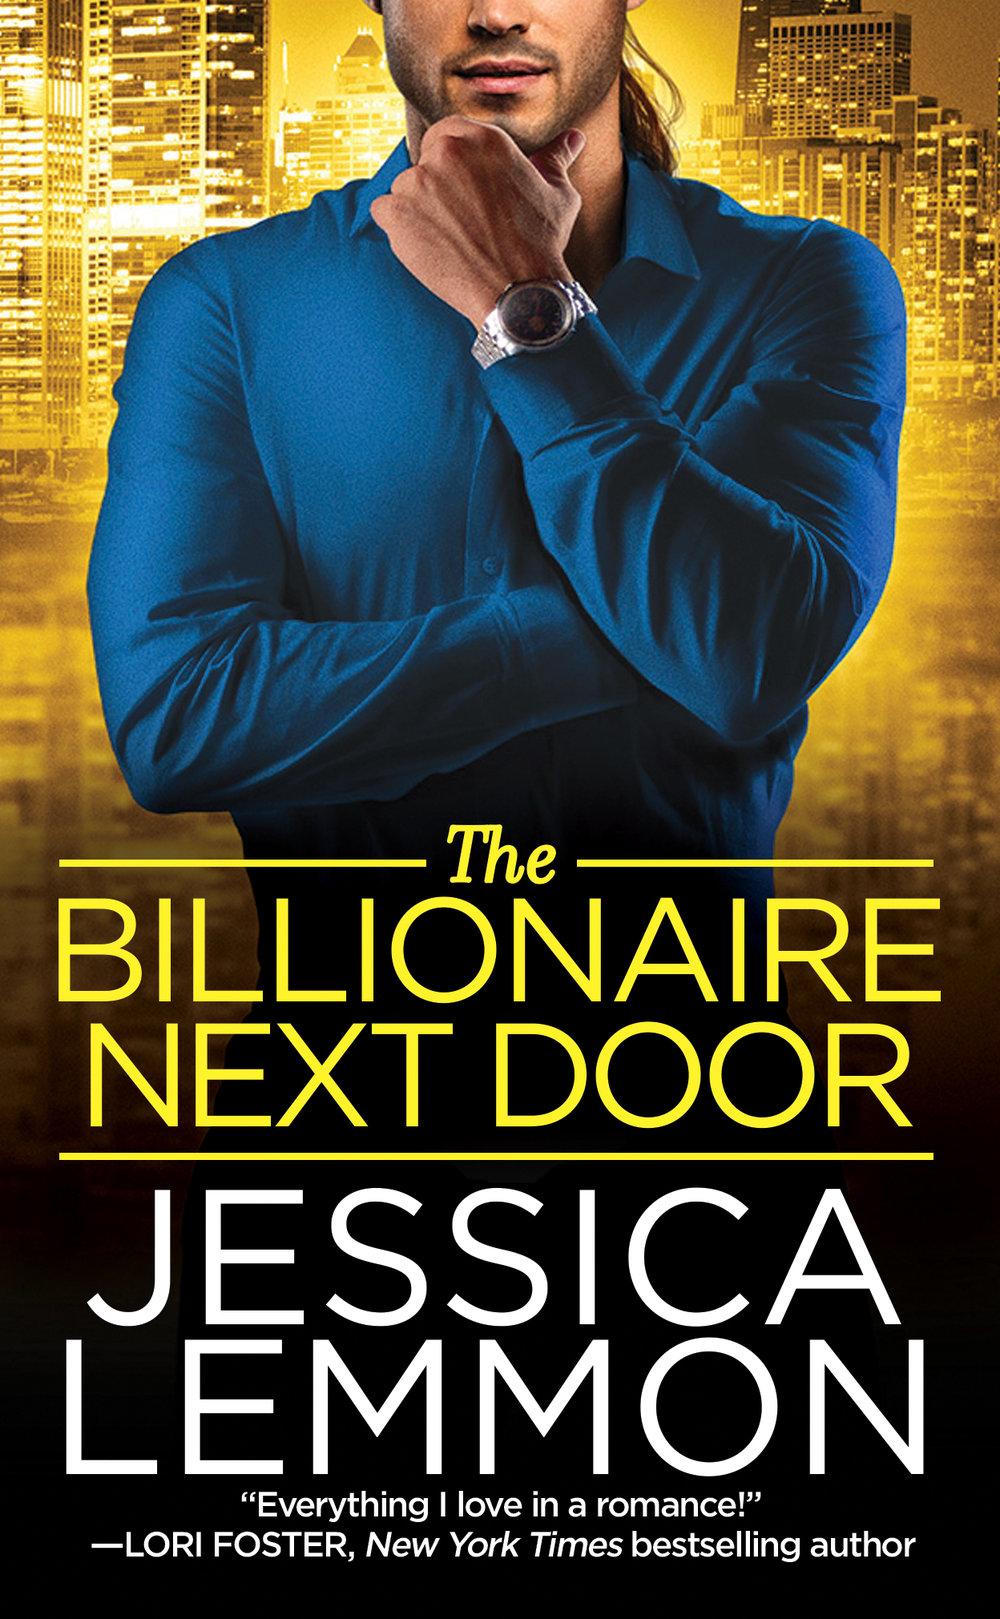 The Billionaire Next Door.jpg